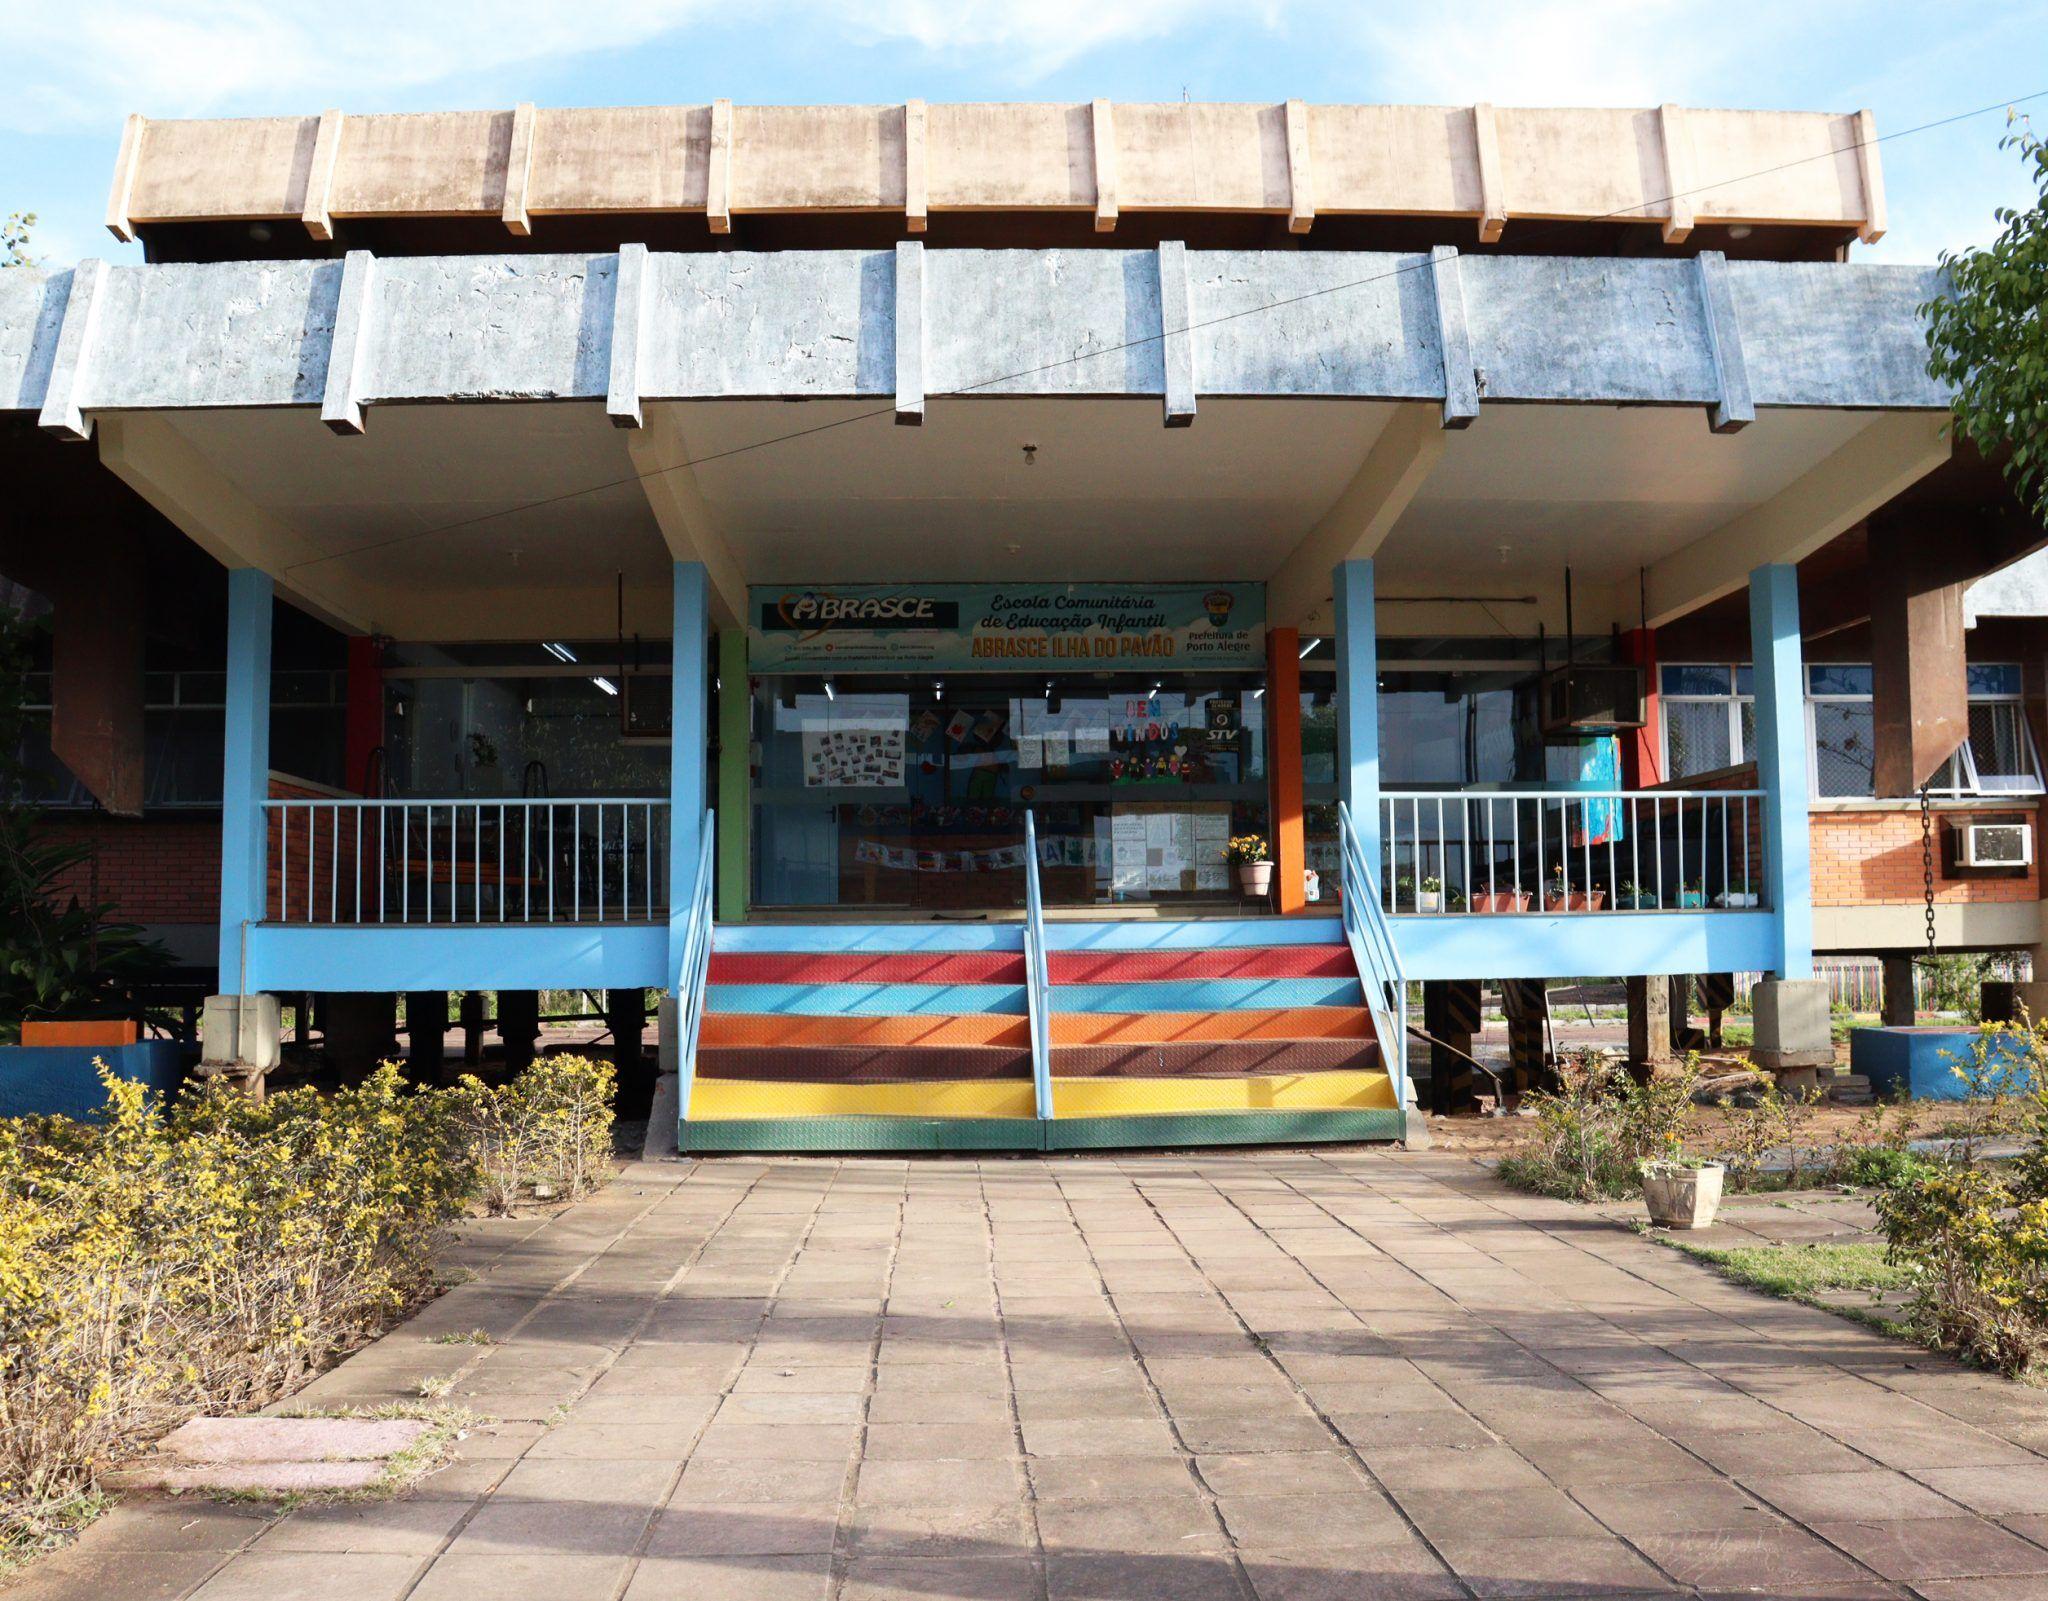 Fachada da Escola ABRASCE Ilha do Pavão.